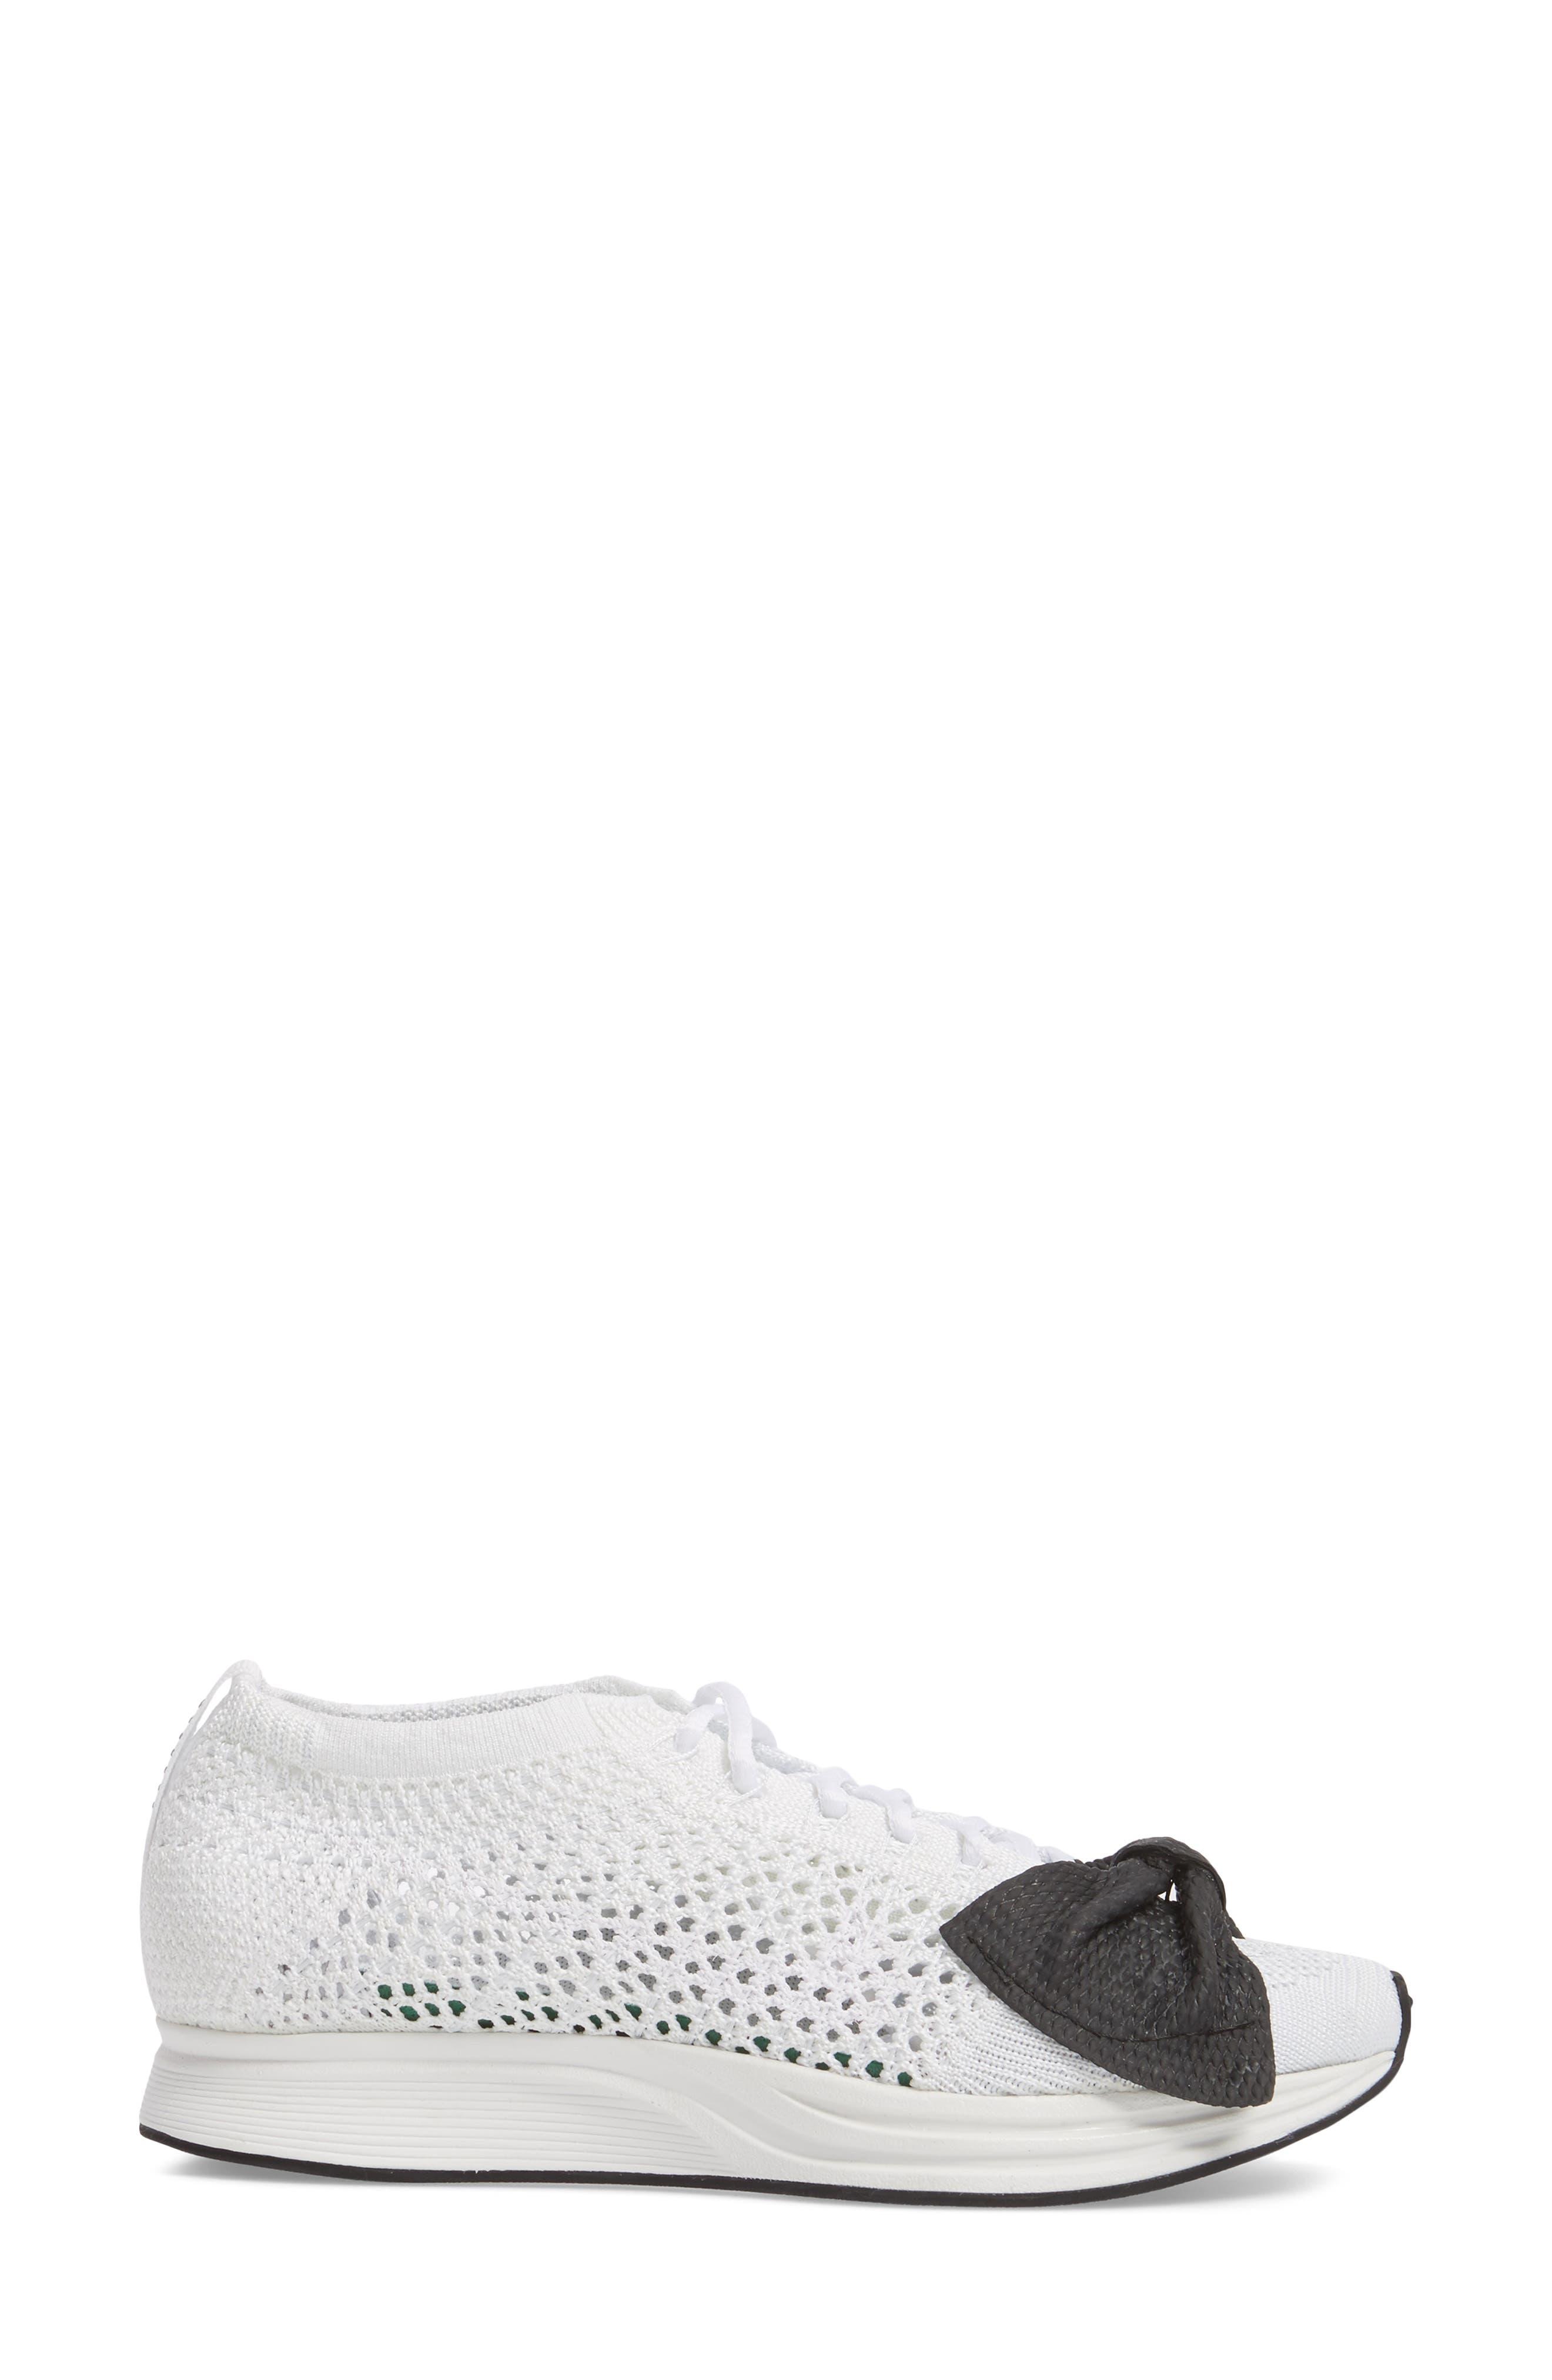 x Nike Bow Flyknit Racer Sneaker,                             Alternate thumbnail 3, color,                             101